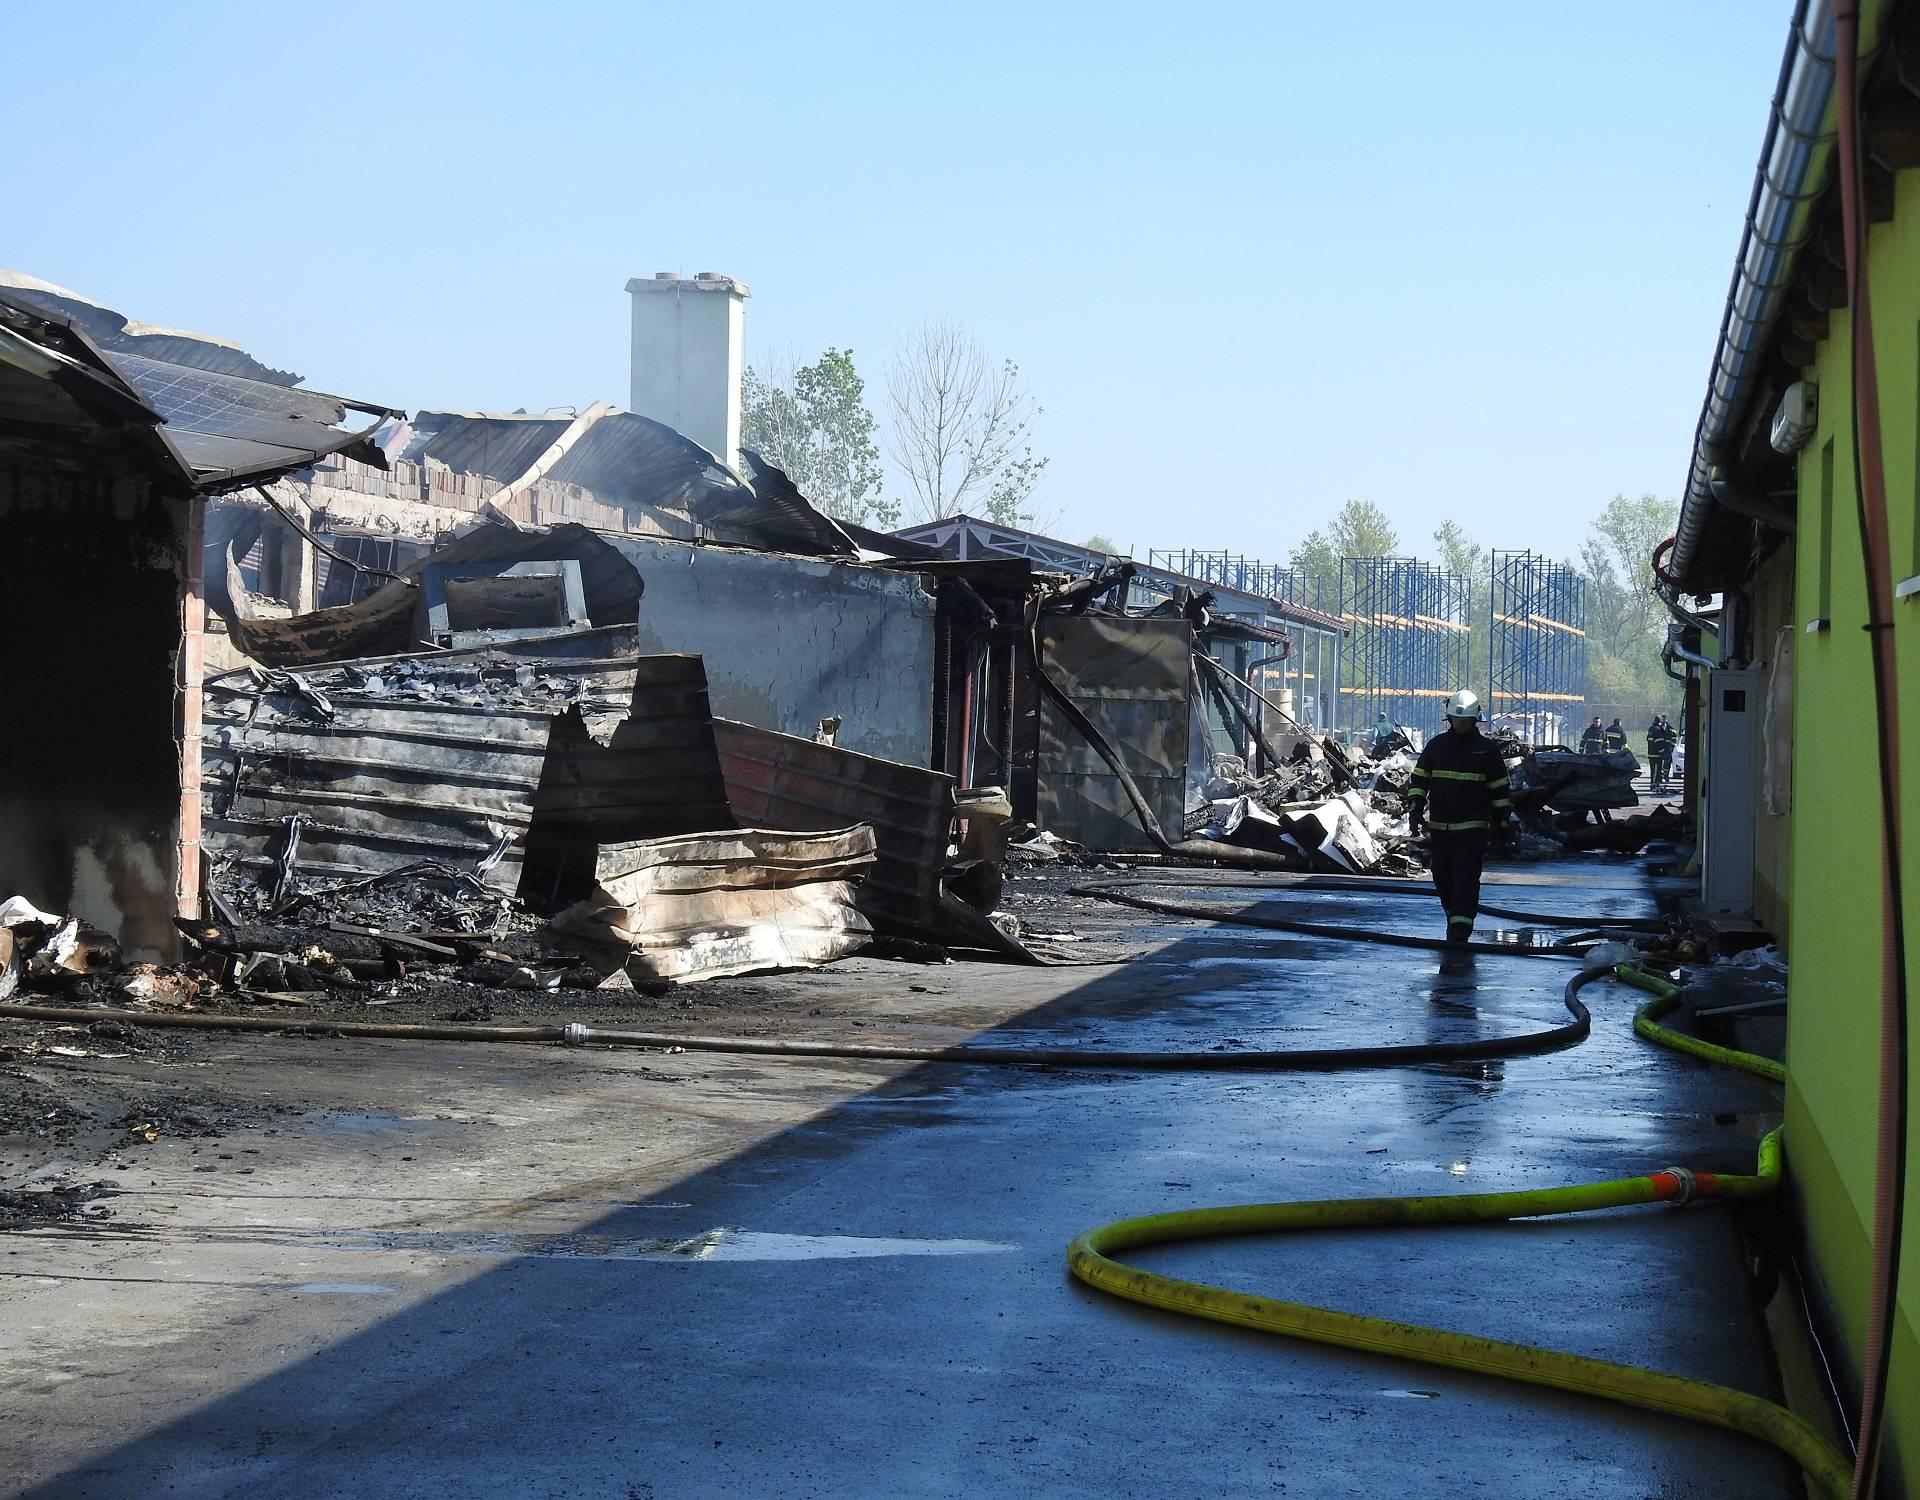 Vatra progutala tvornicu: 'Za 3 sata nestalo 20 godina truda'